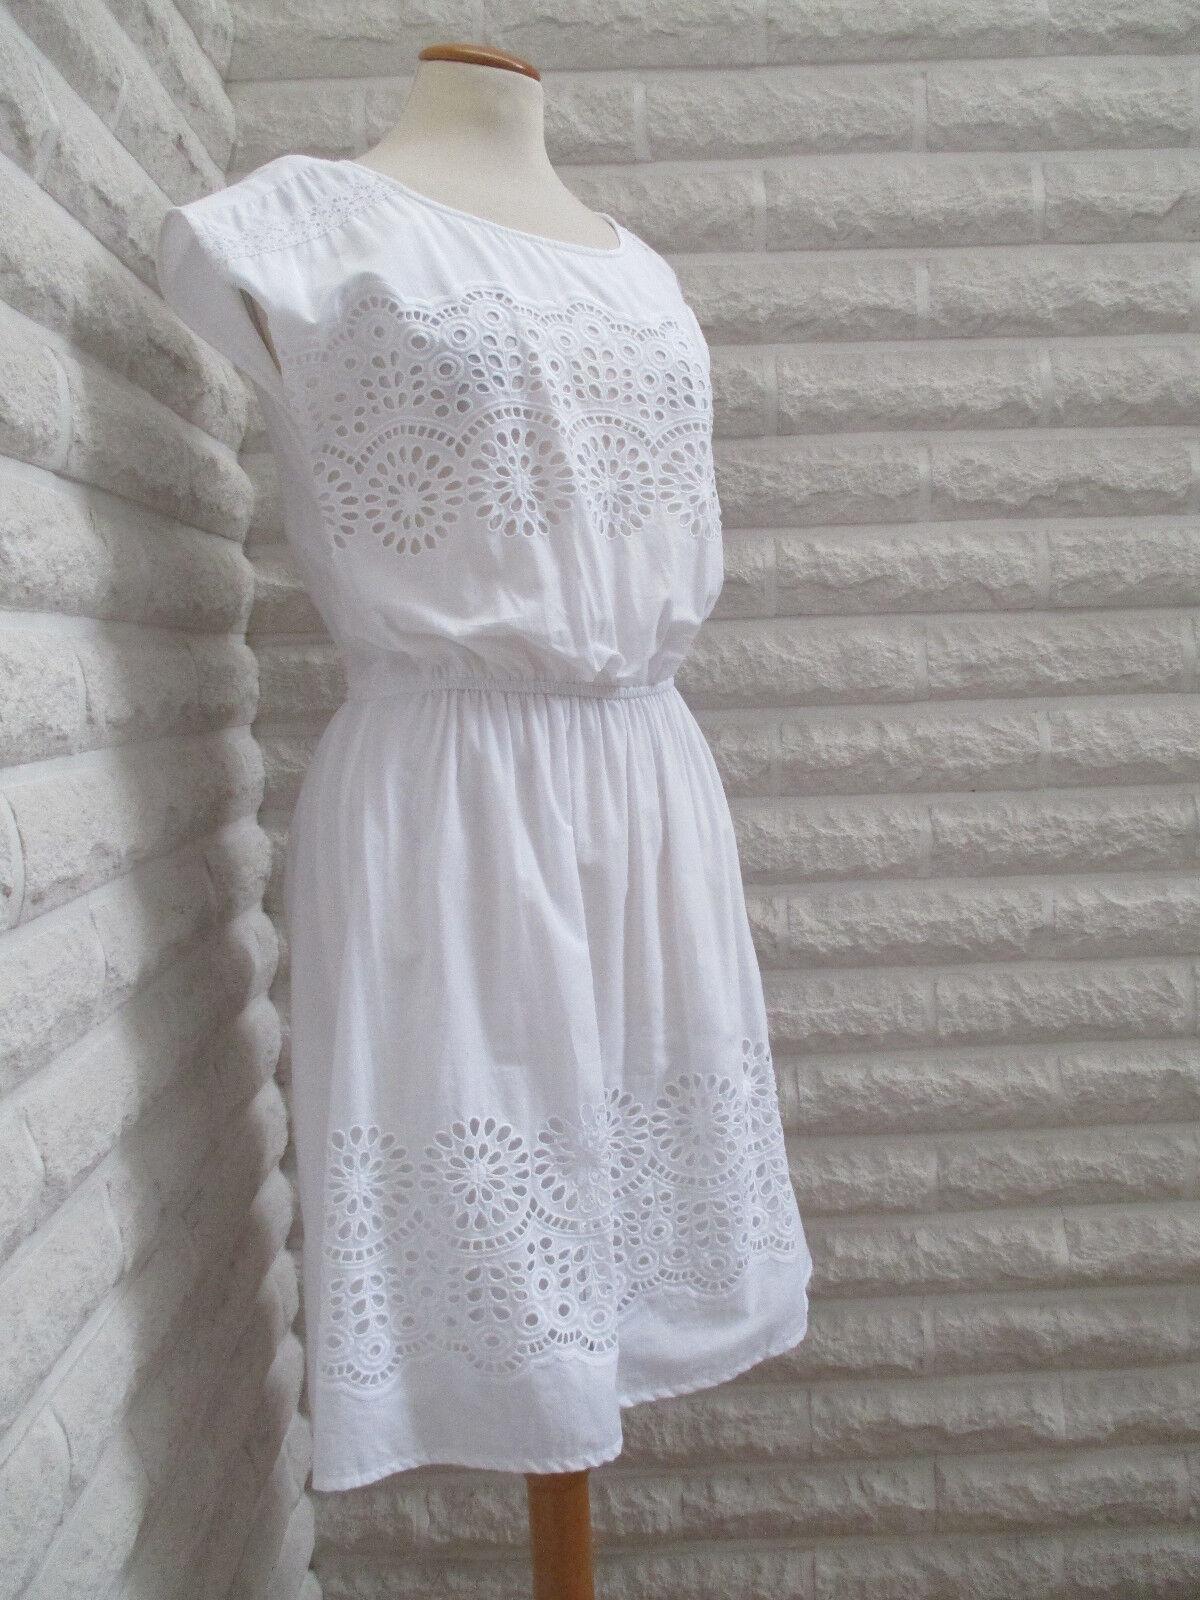 Kleid weiß Spitze Baumwolle tracht landhaus dirndl Folklore Gr 34 NEU Blogger